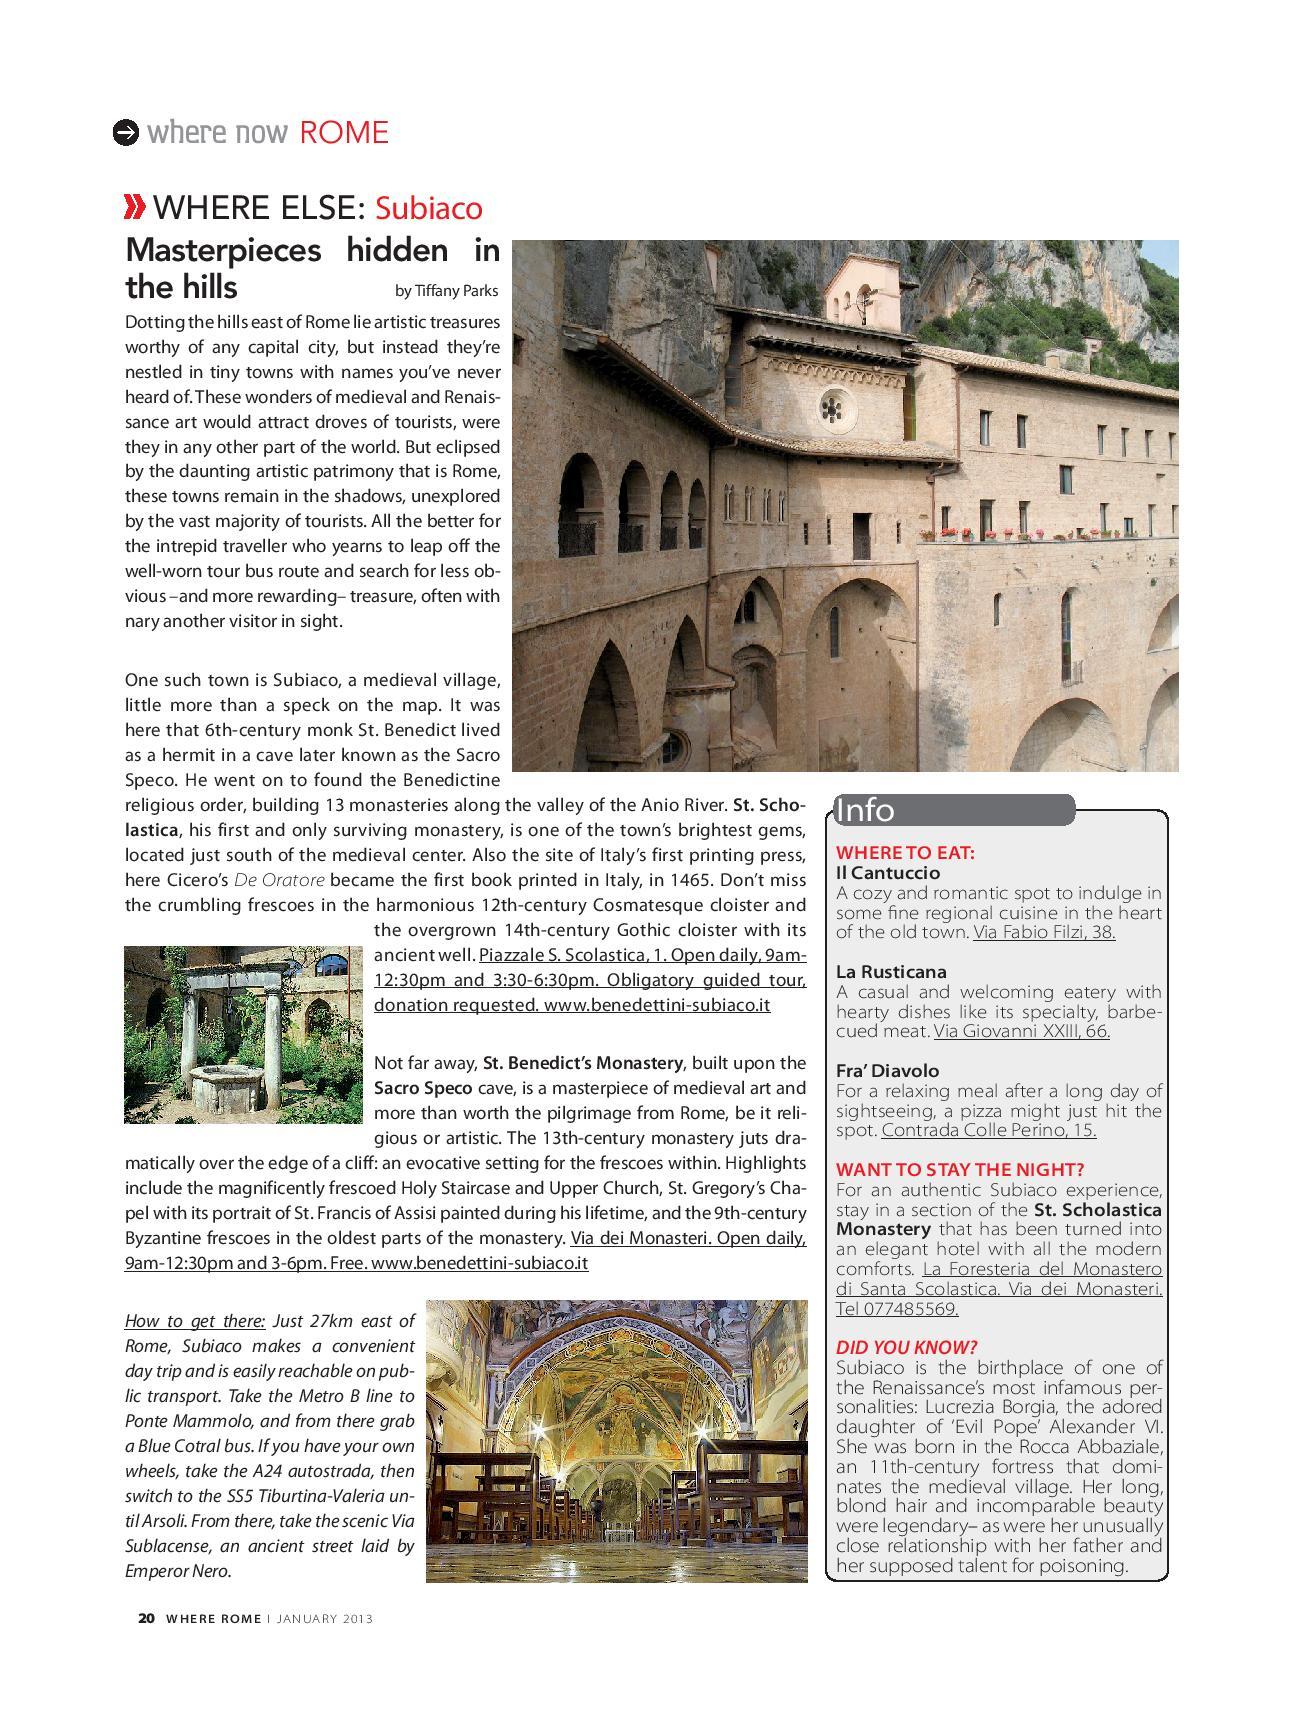 WhereElse Subiaco, January 2013-page-001.jpg